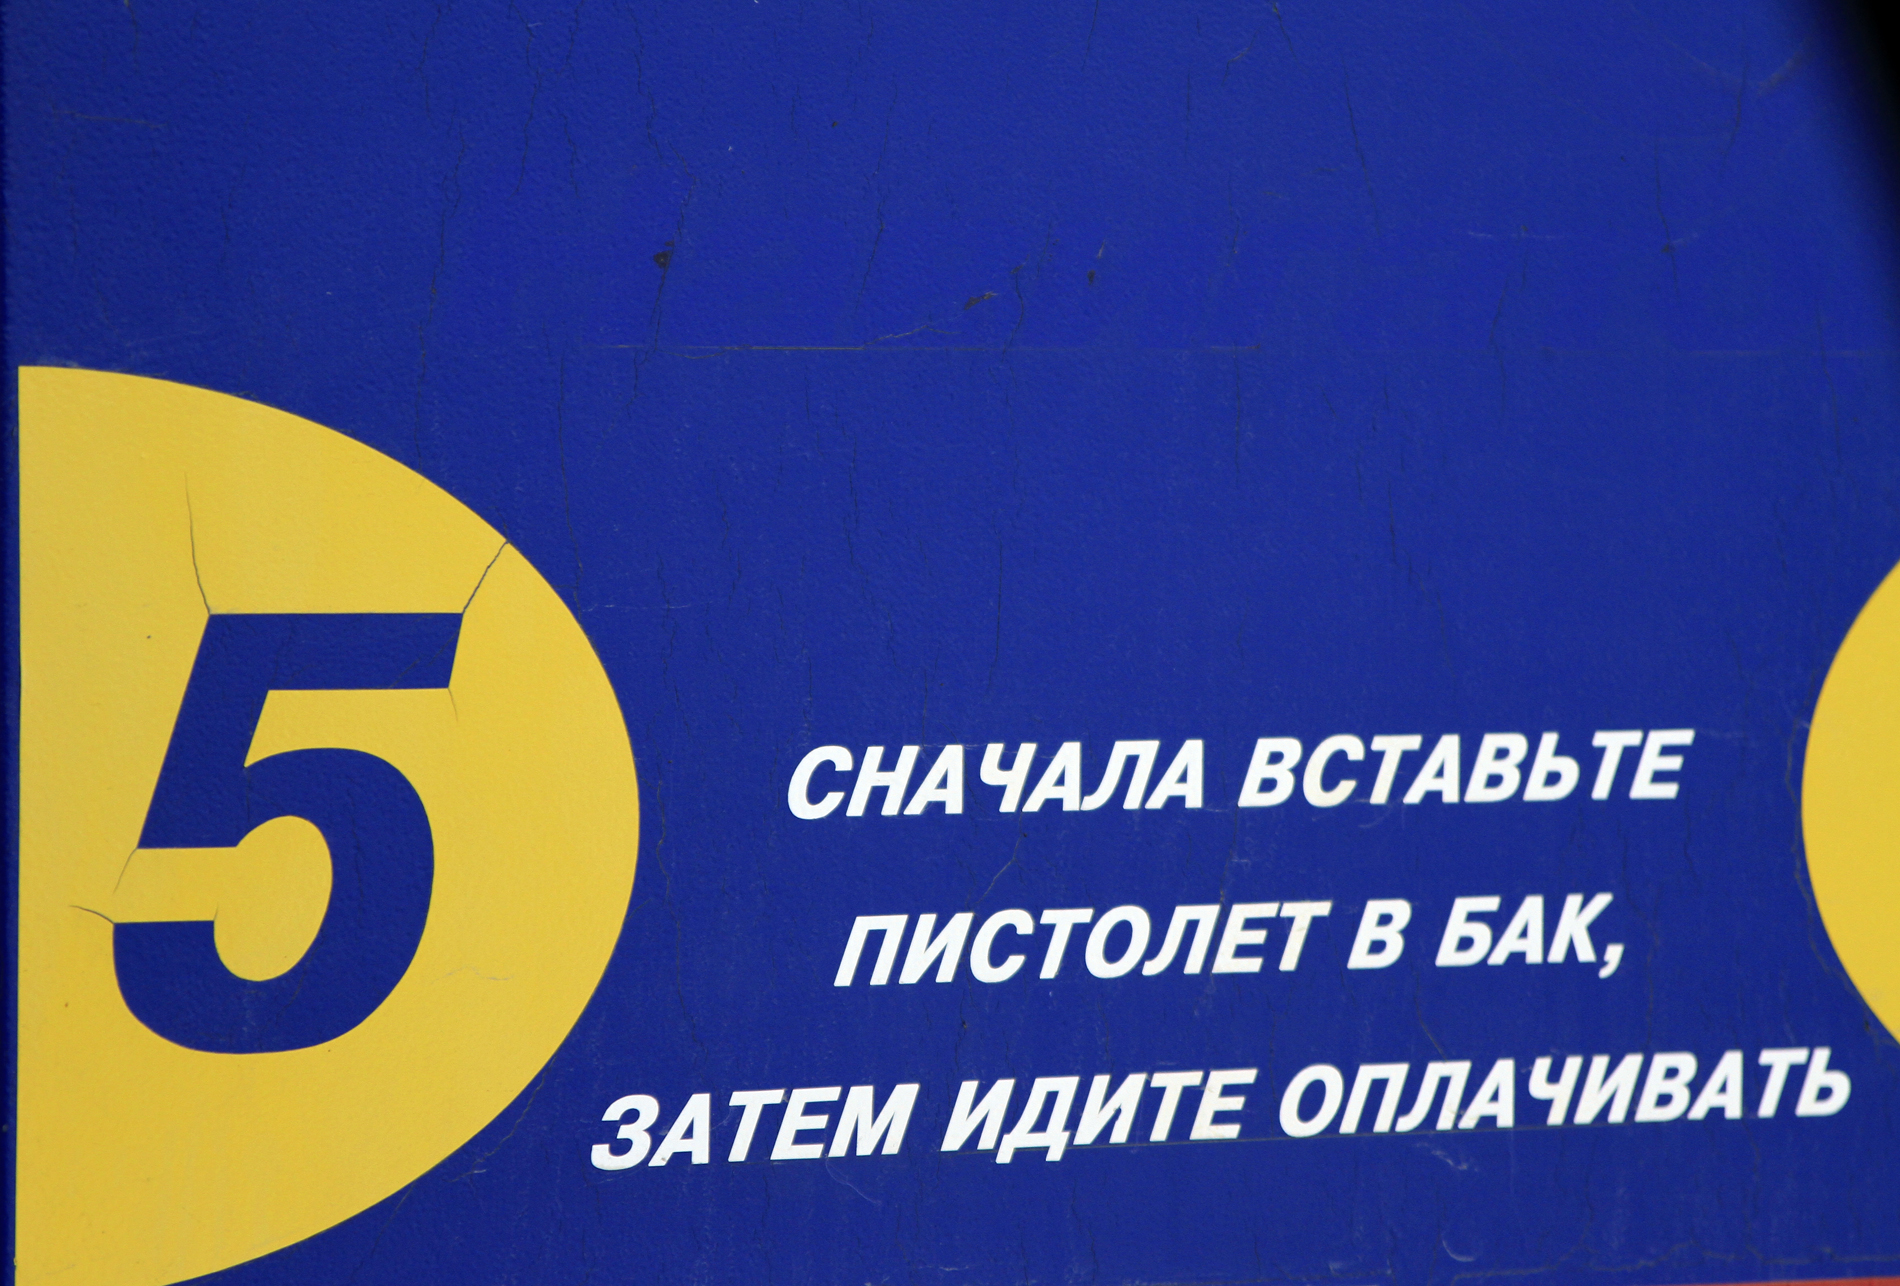 Мониторинг 66.ru: бензин и солярка снова подорожали!